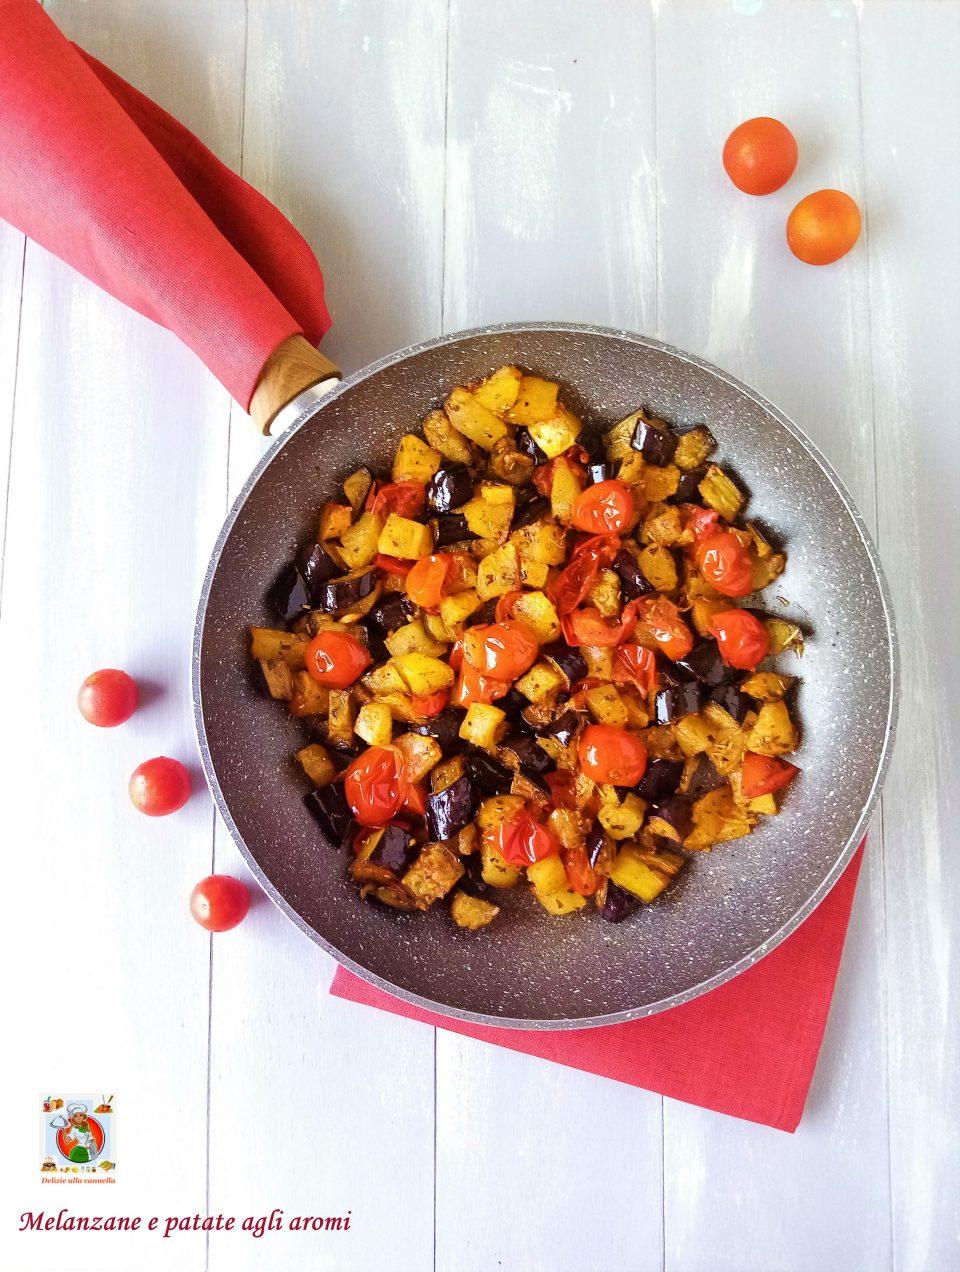 melanzane e patate agli aromi v1